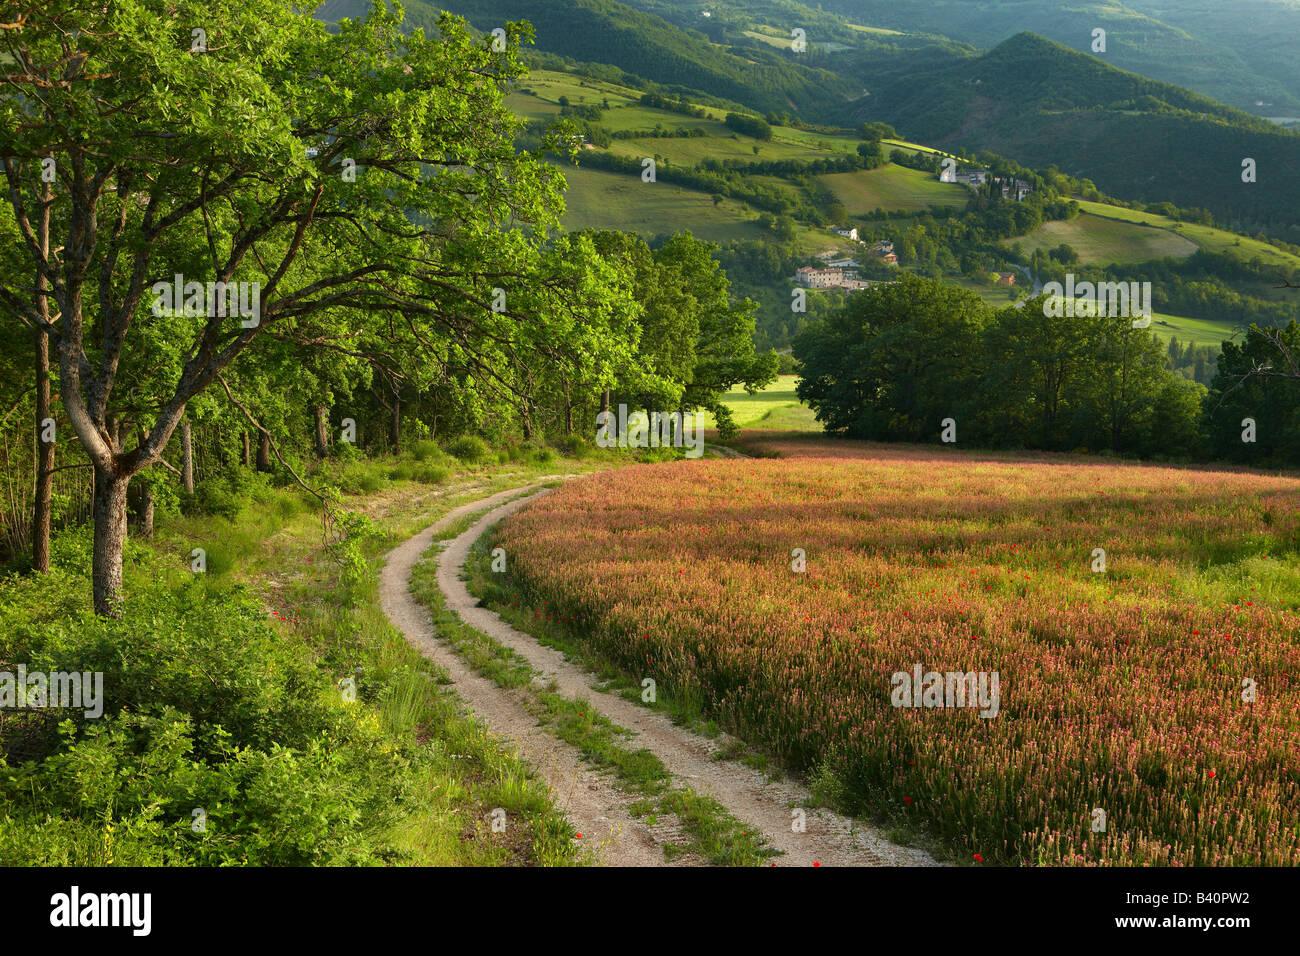 ein Feldweg durch Felder von Frühlingsblumen in der Valnerina nahe Preci, Umbrien, Italien Stockbild